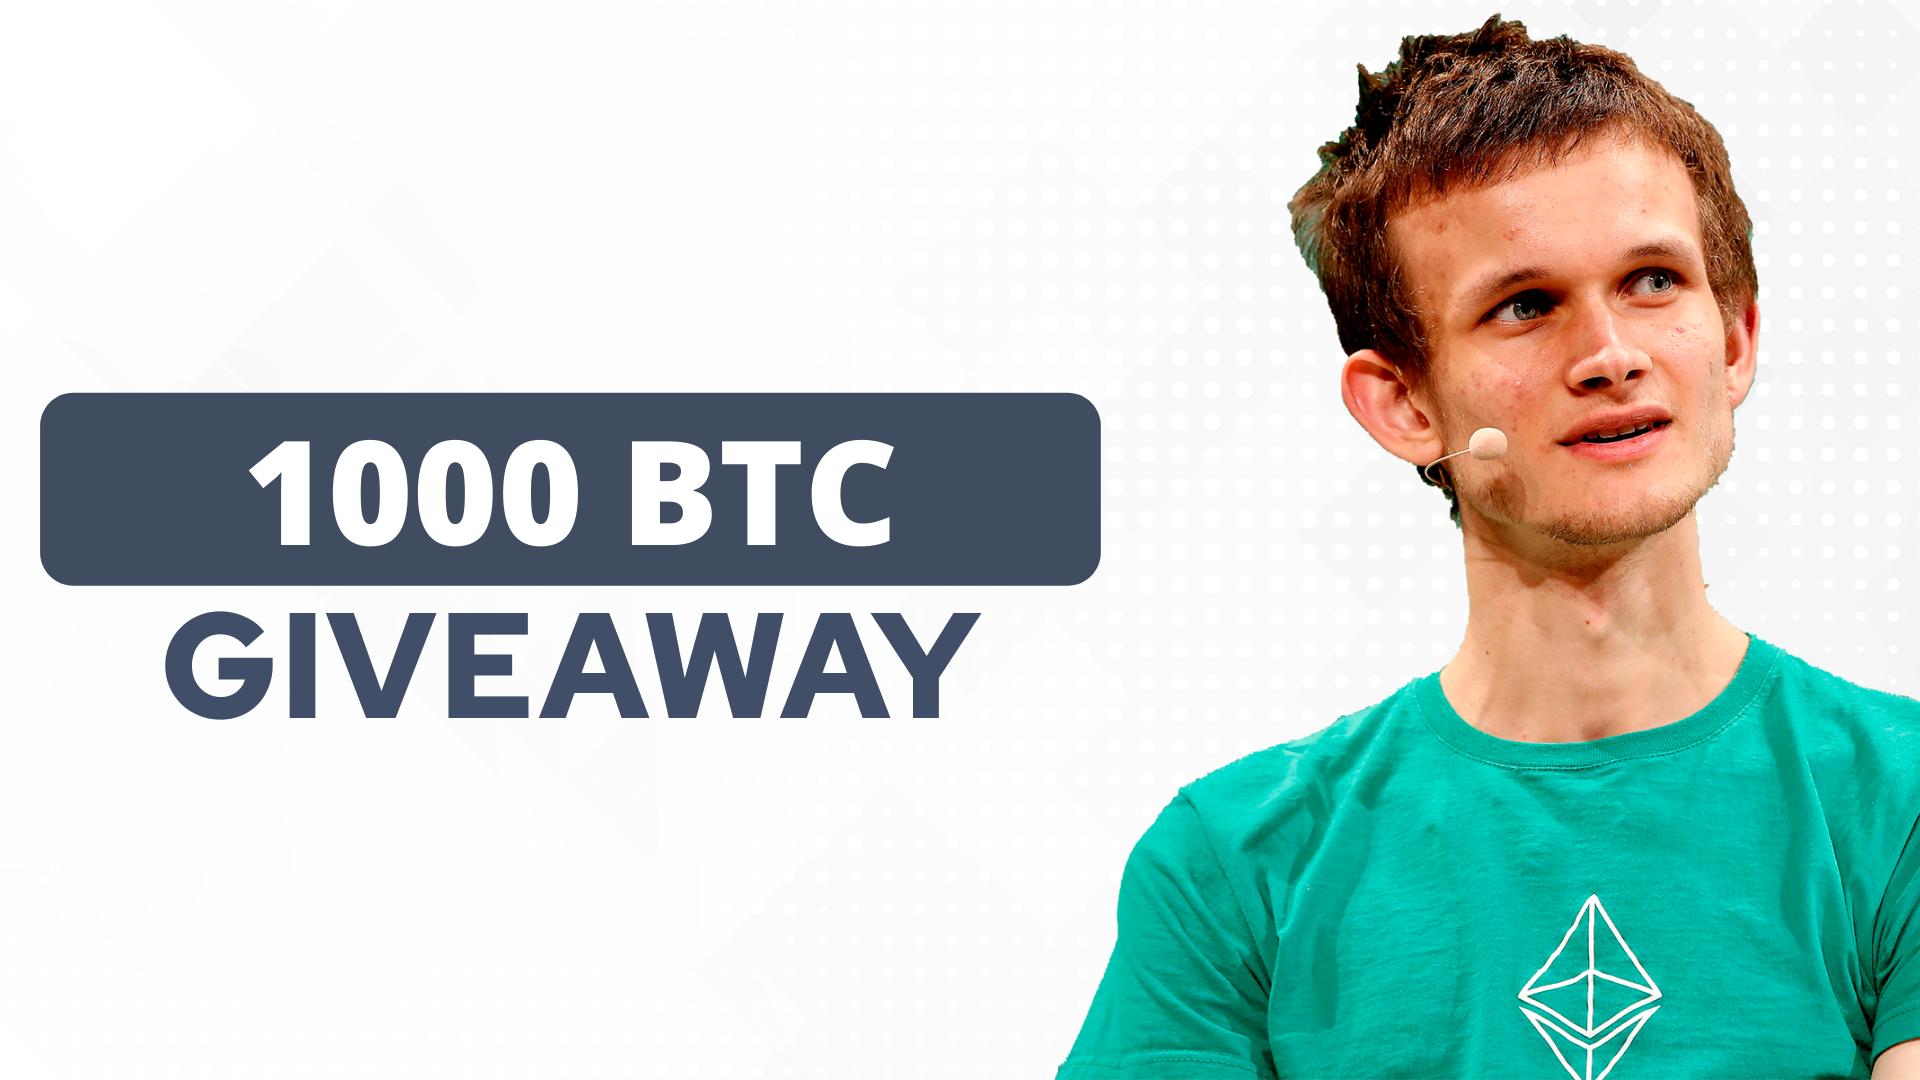 1000 btc giveaway come essere un commerciante di giorno bitcoin